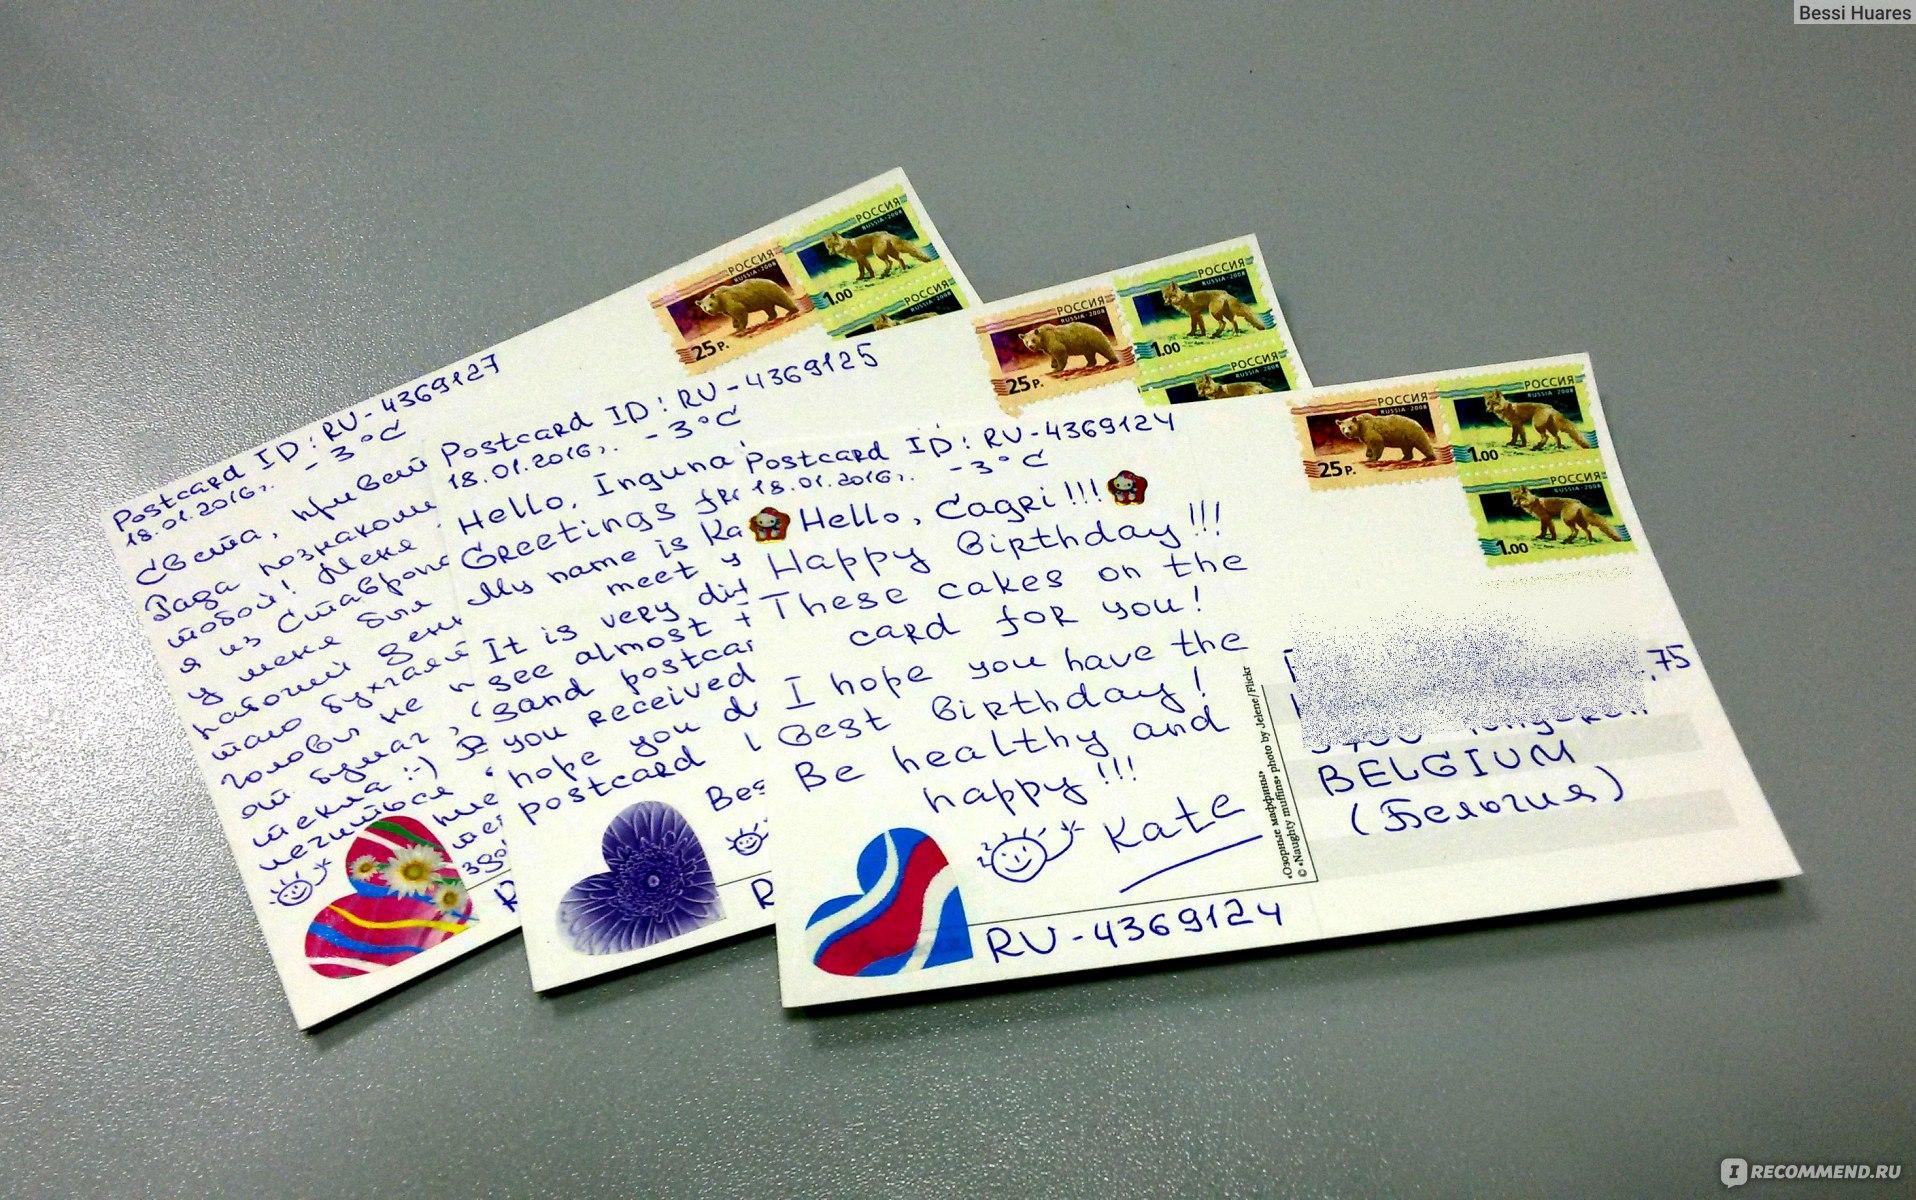 Посткроссинг как отправлять открытки, розовой свадьбы